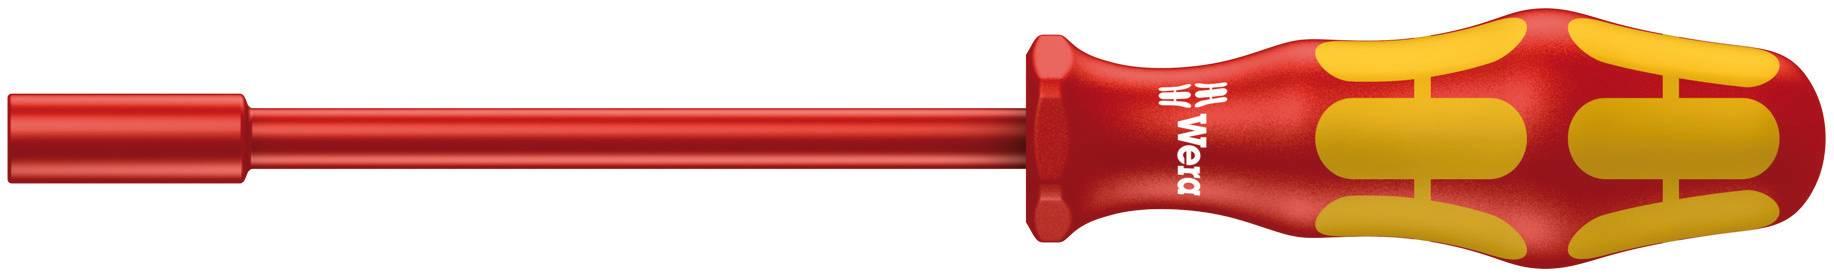 Šestihranný nástrčný klíč VDE Wera, 13 mm